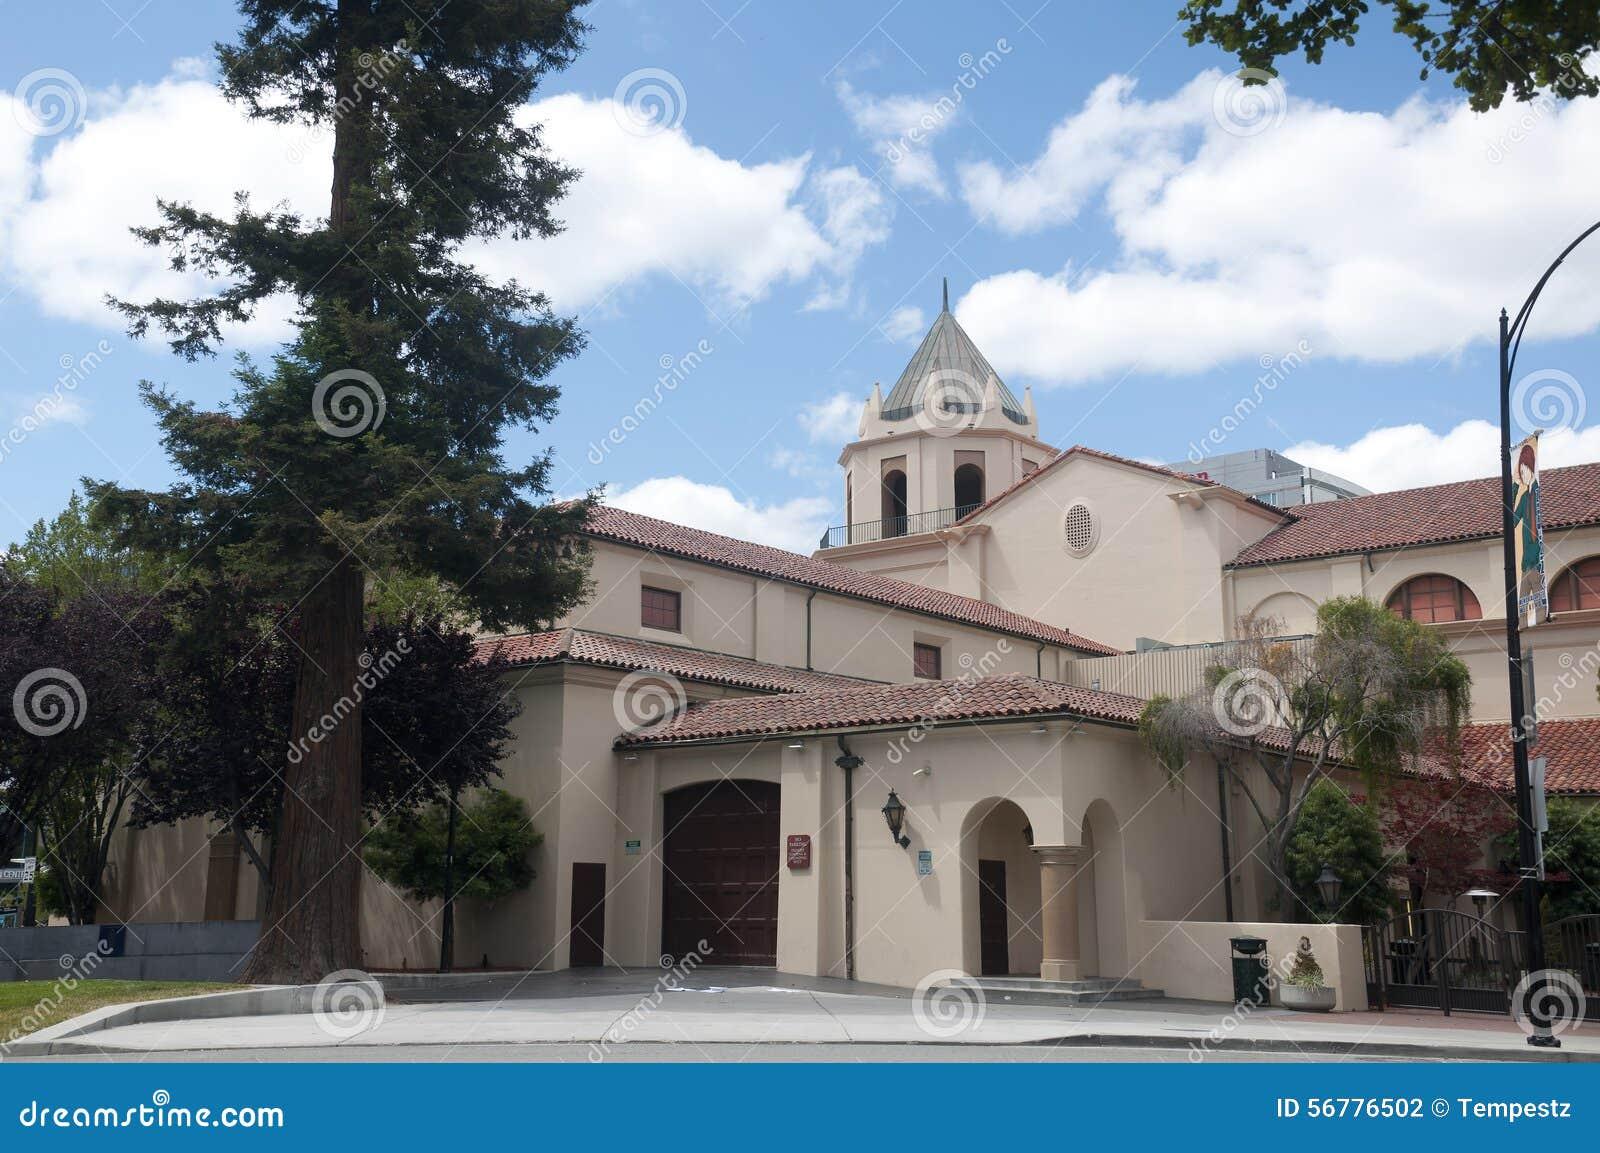 San Jose City National Civic